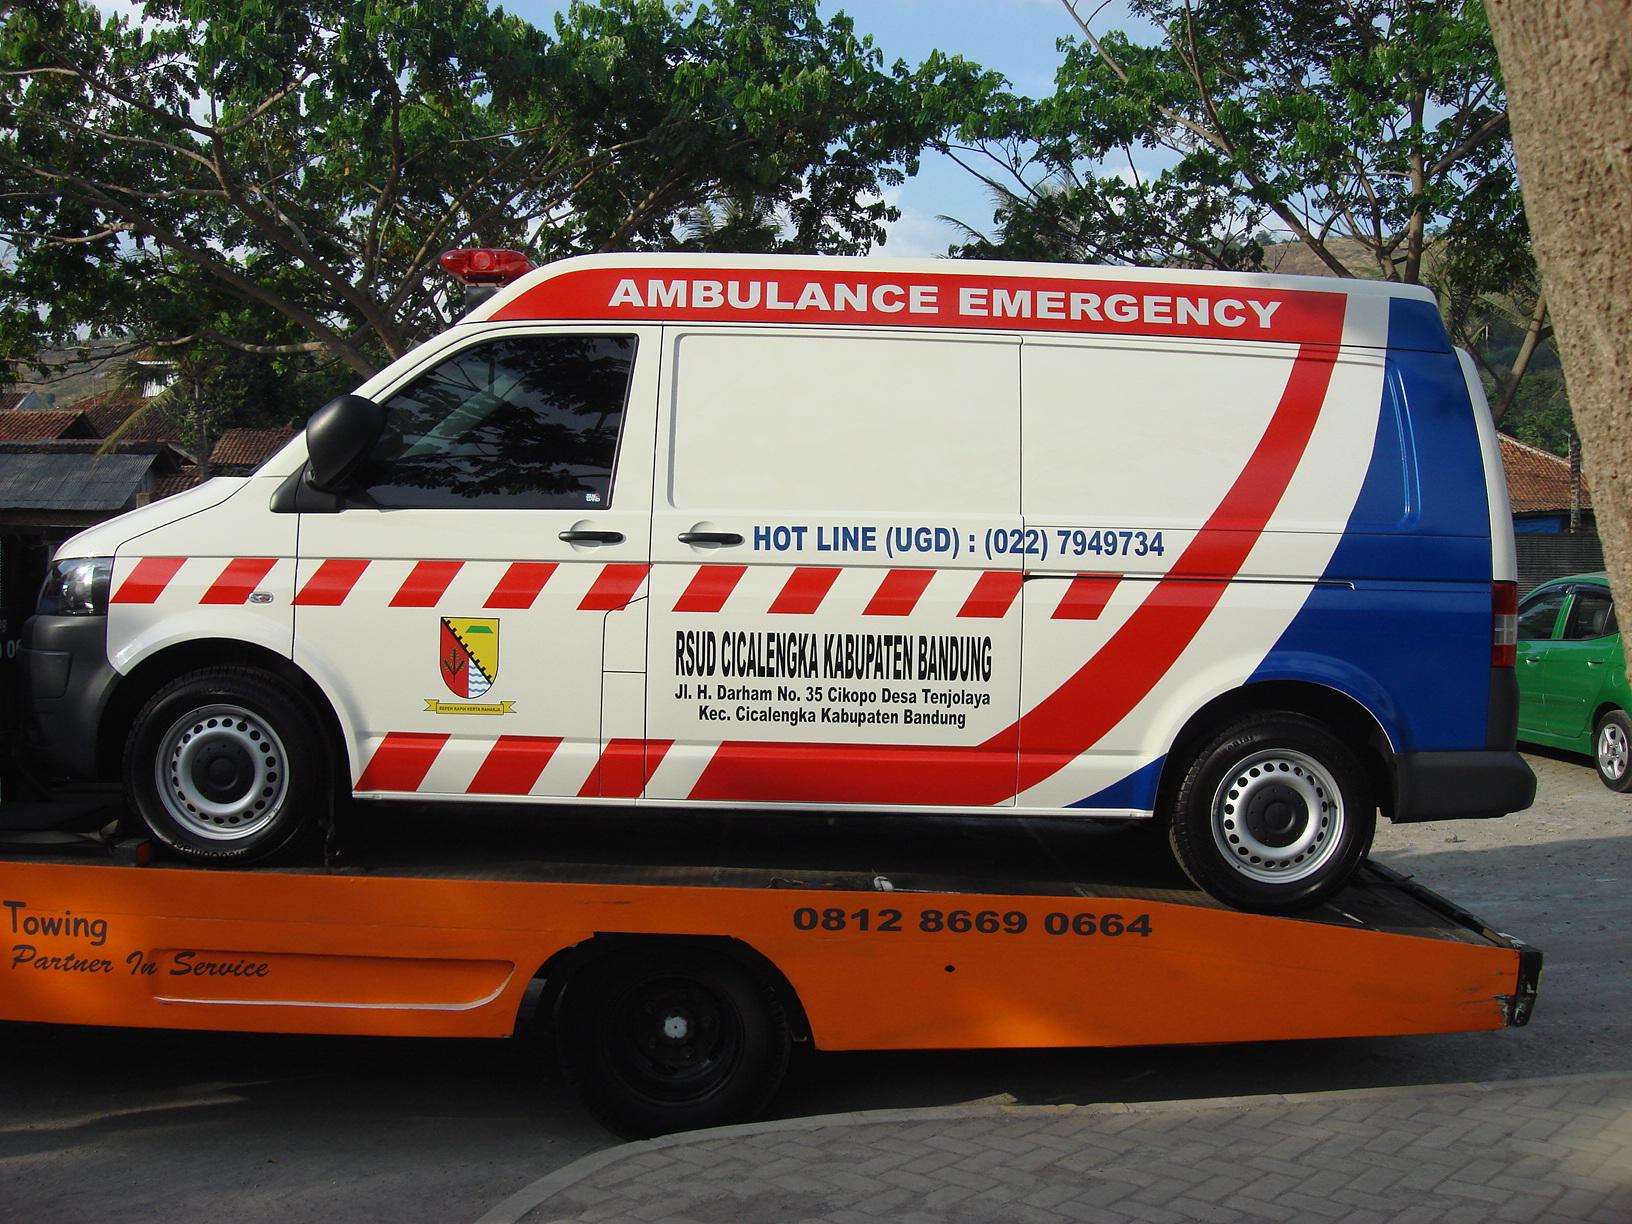 suspensi grand new avanza keras body kit all yaris trd vw luncurkan varian ambulance dengan harga terjangkau